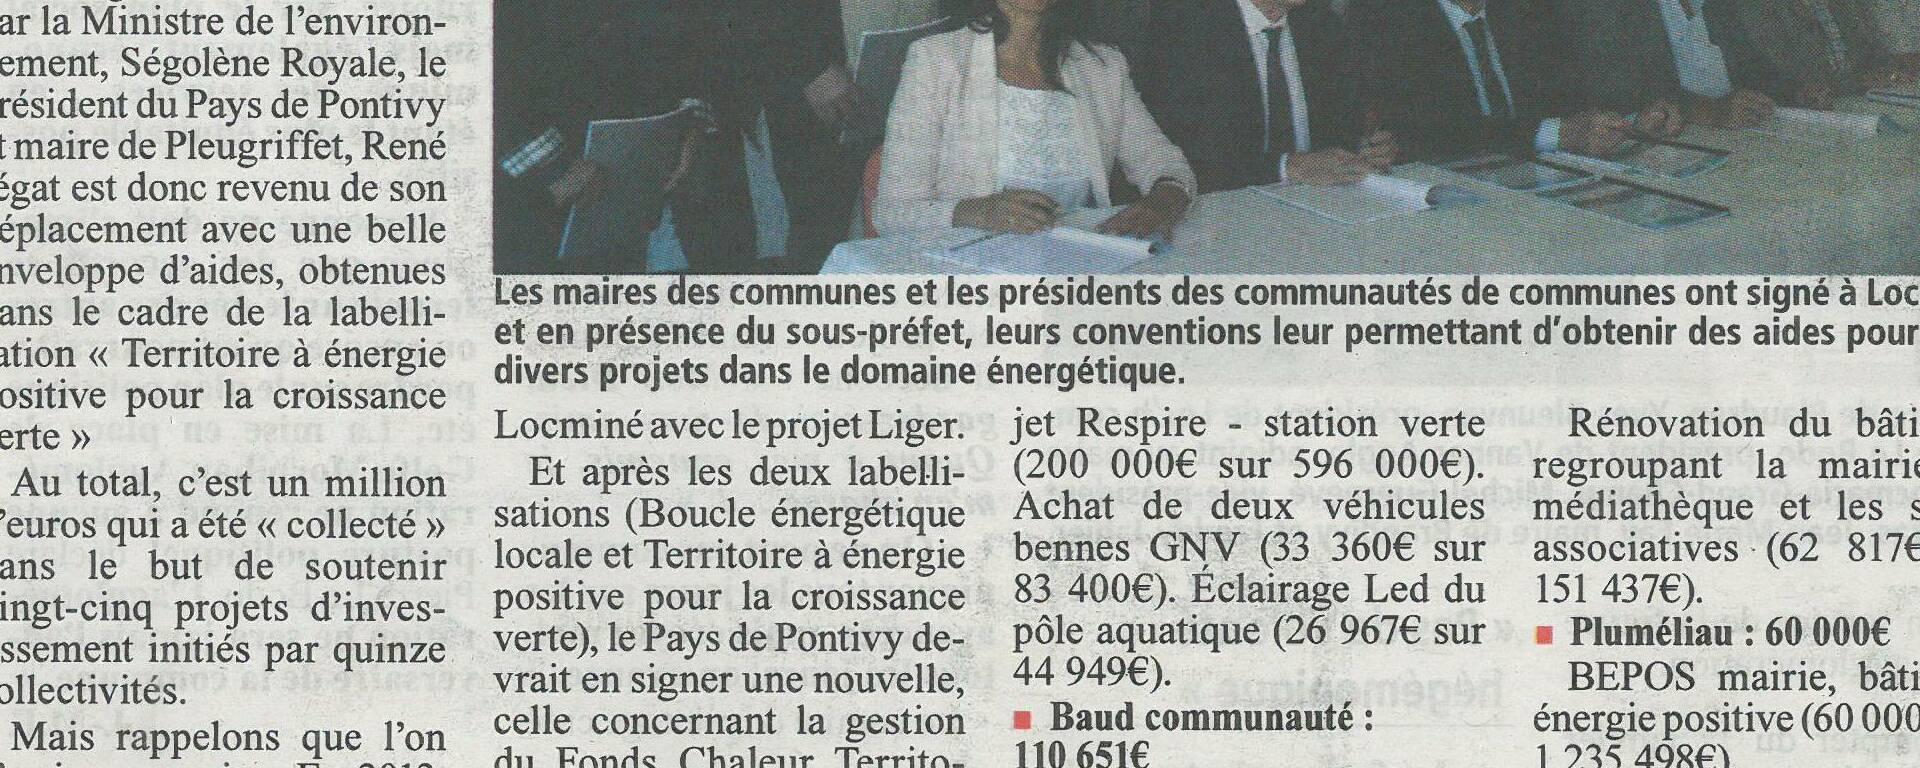 Article de presse La Gazette du Centre Morbihan